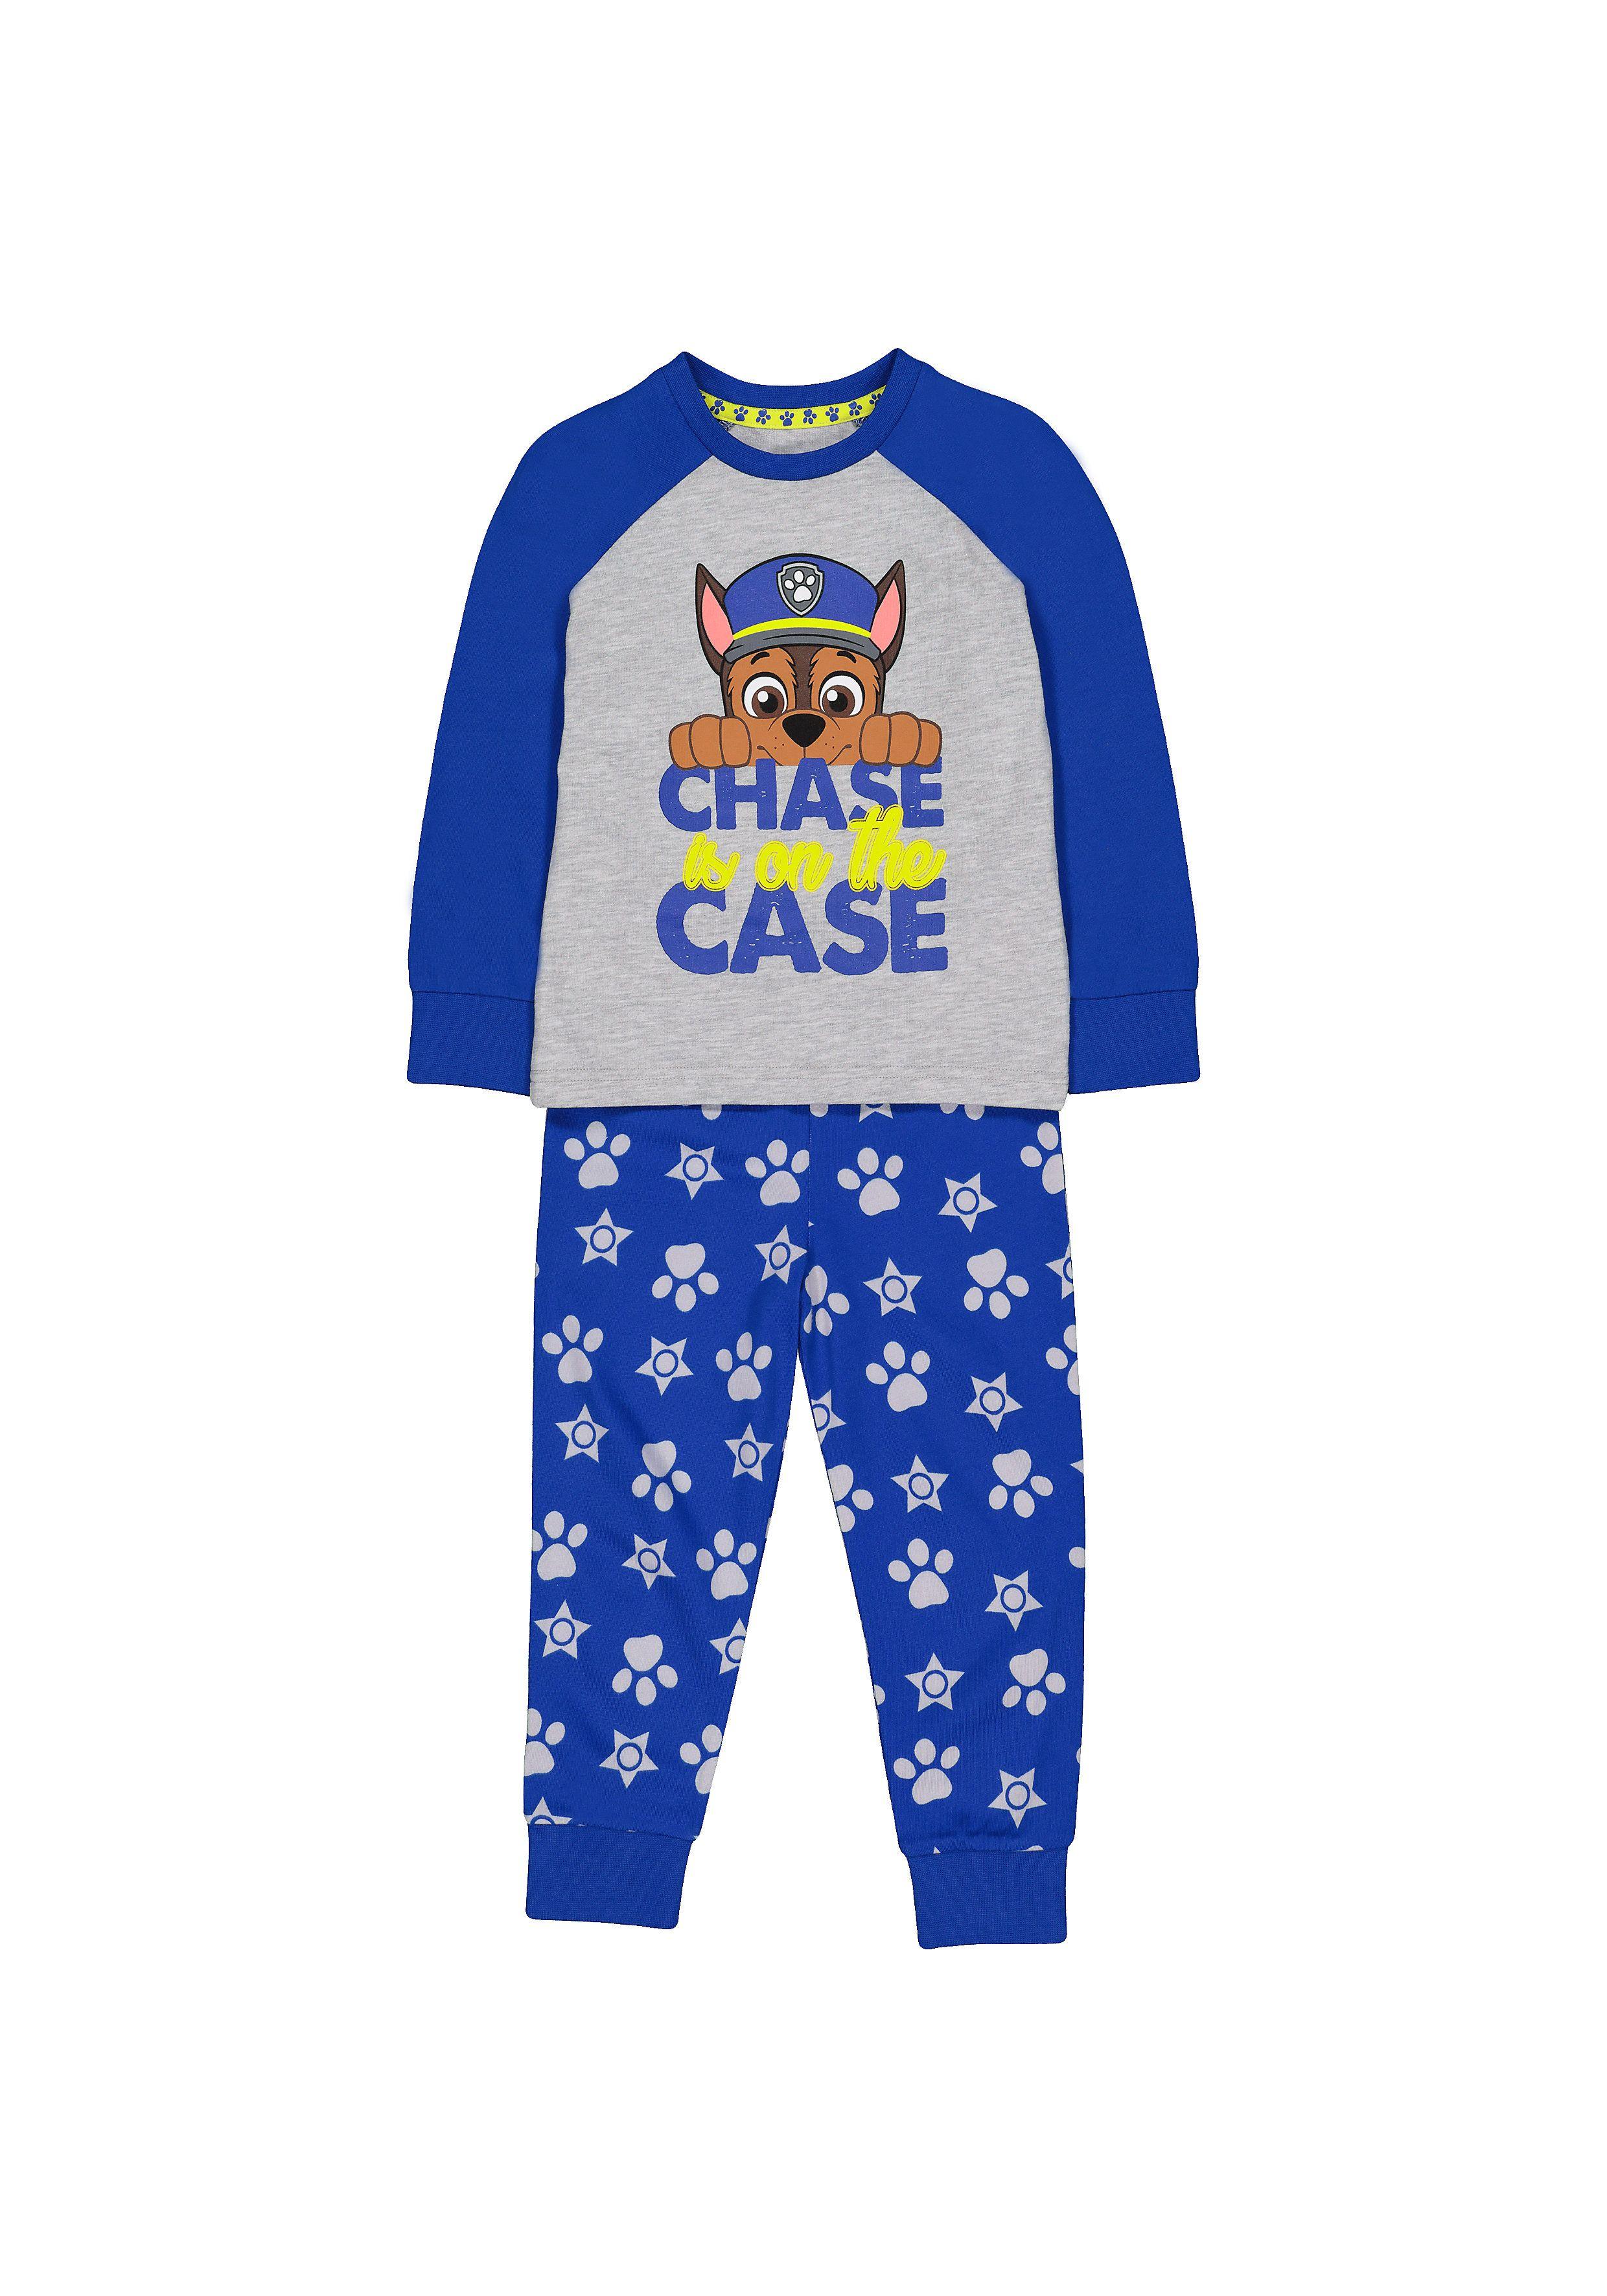 Paw Patrol Baby Boys Short Pyjamas Pjs